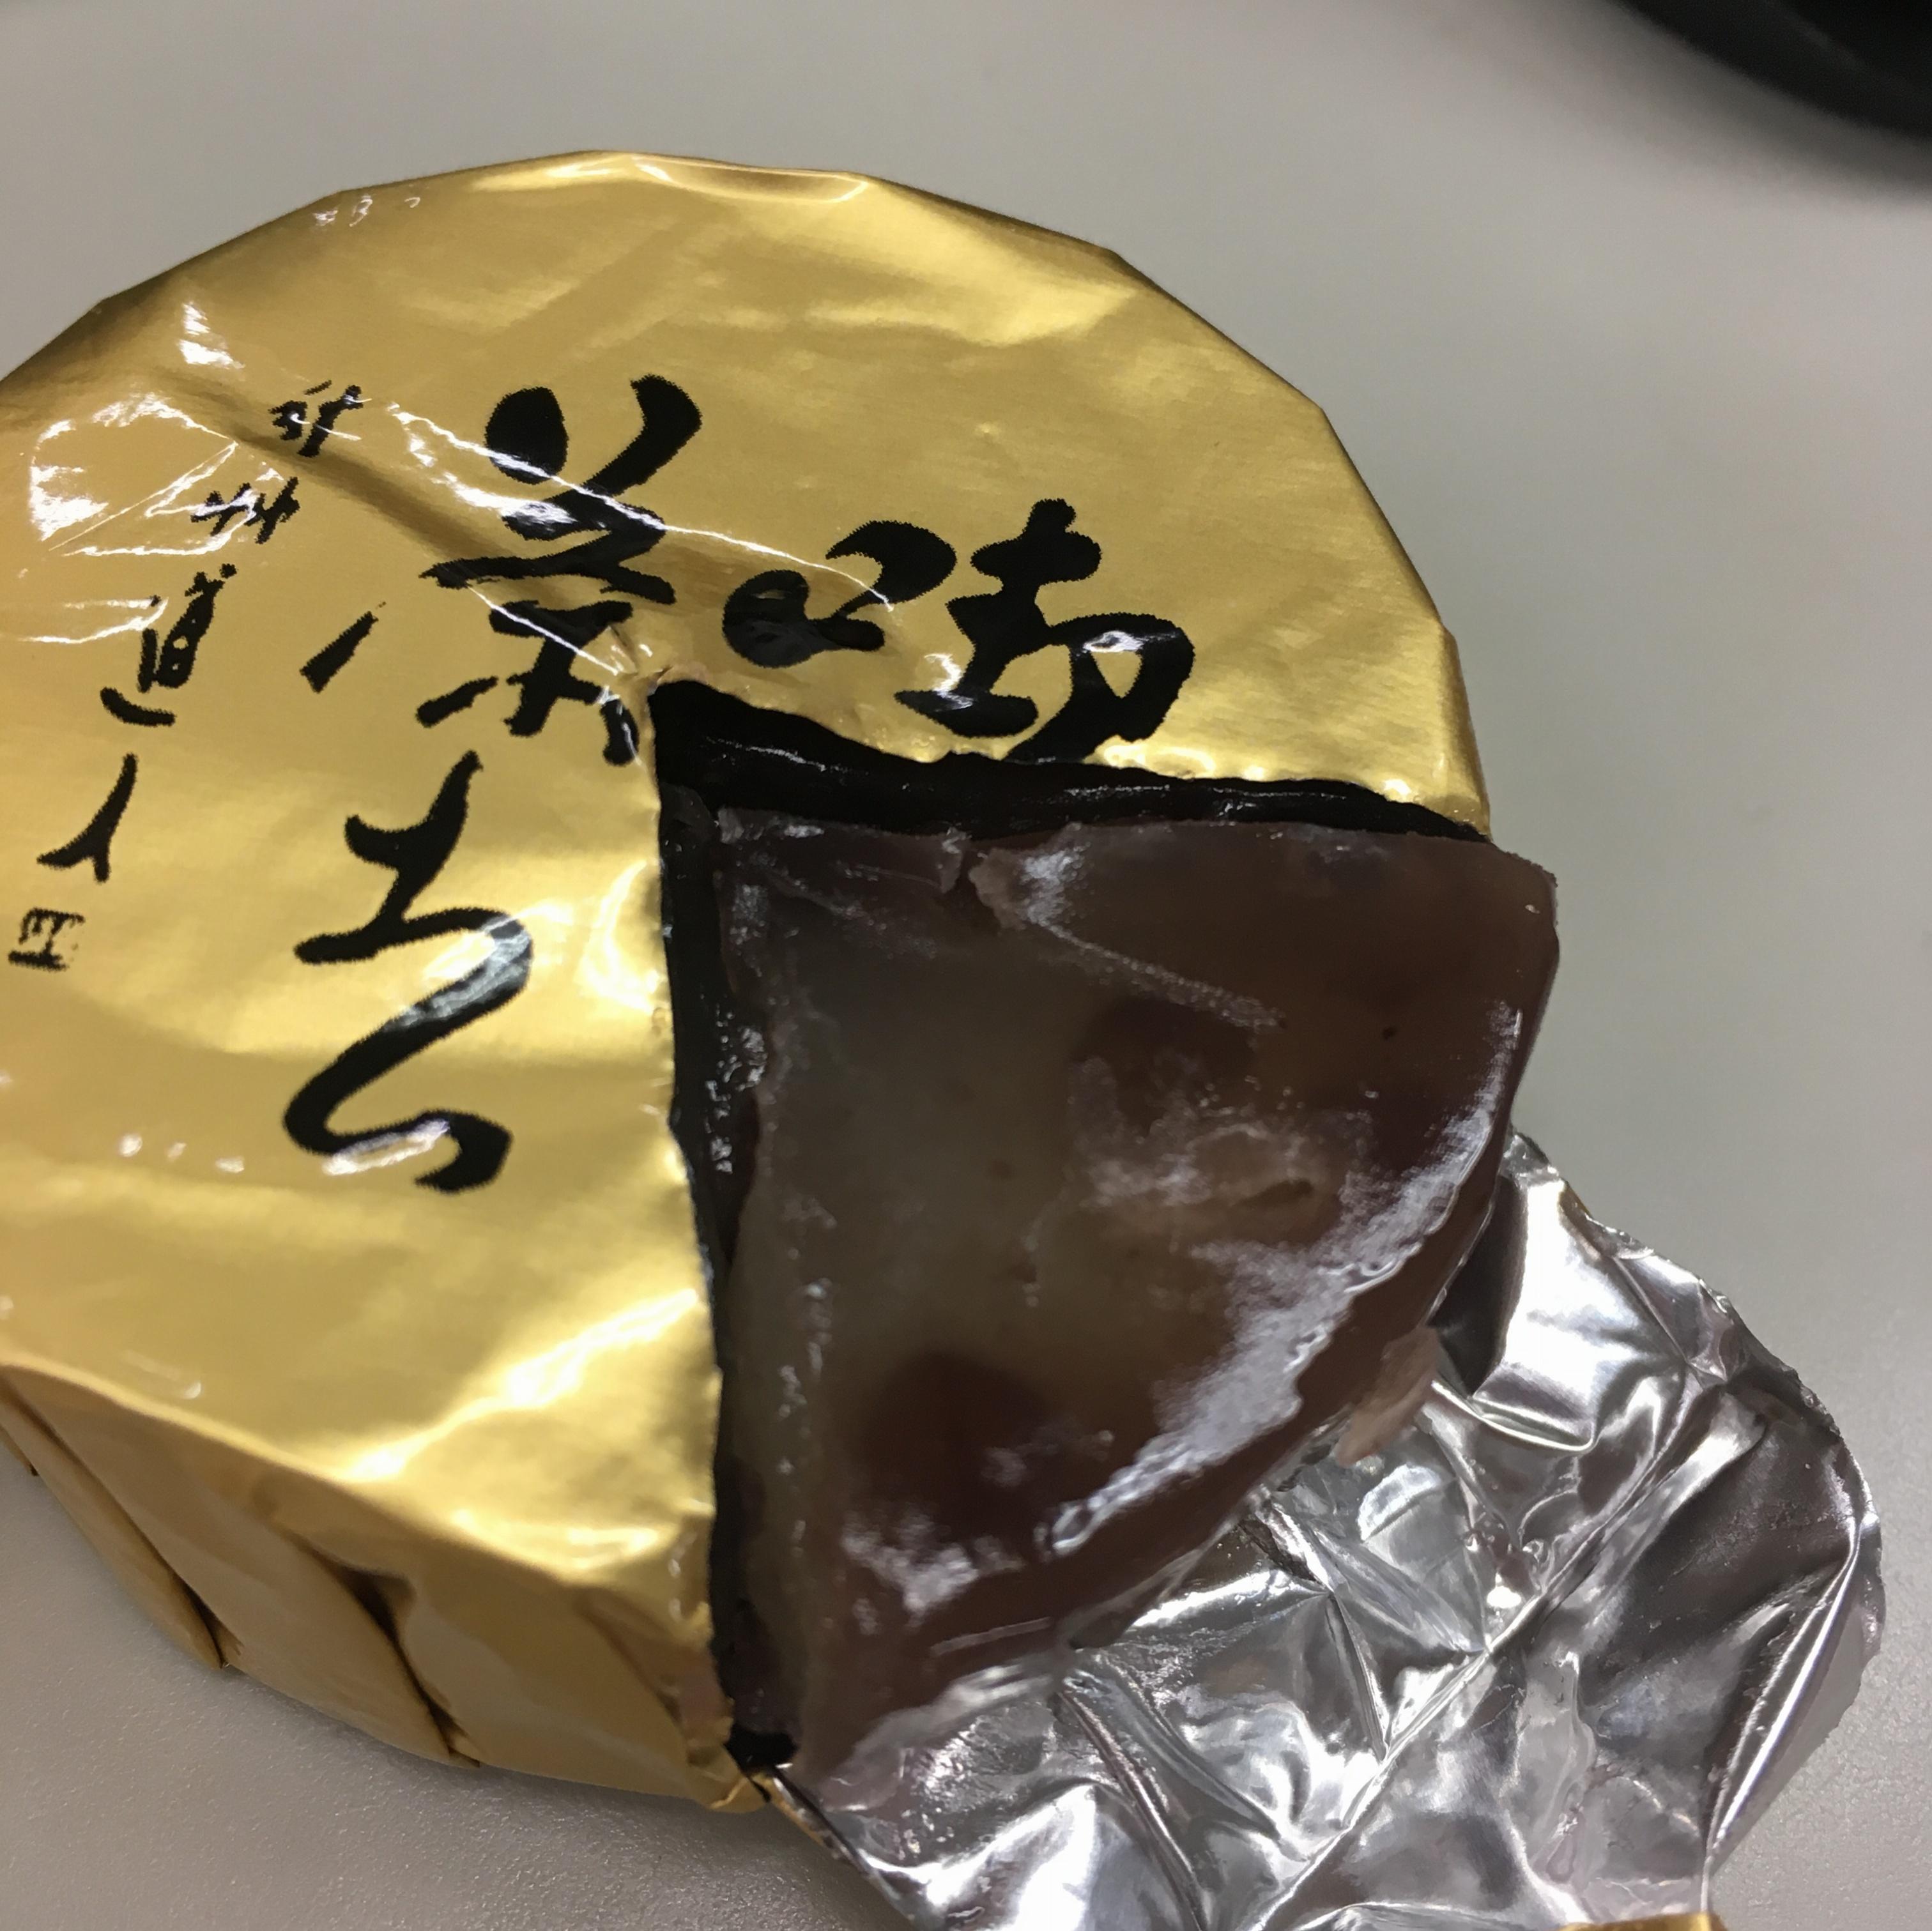 え、ベーコンジャム?最近のアメリカトレンド商品♡日本にはまだない!これから日本で流行るかも!?_3